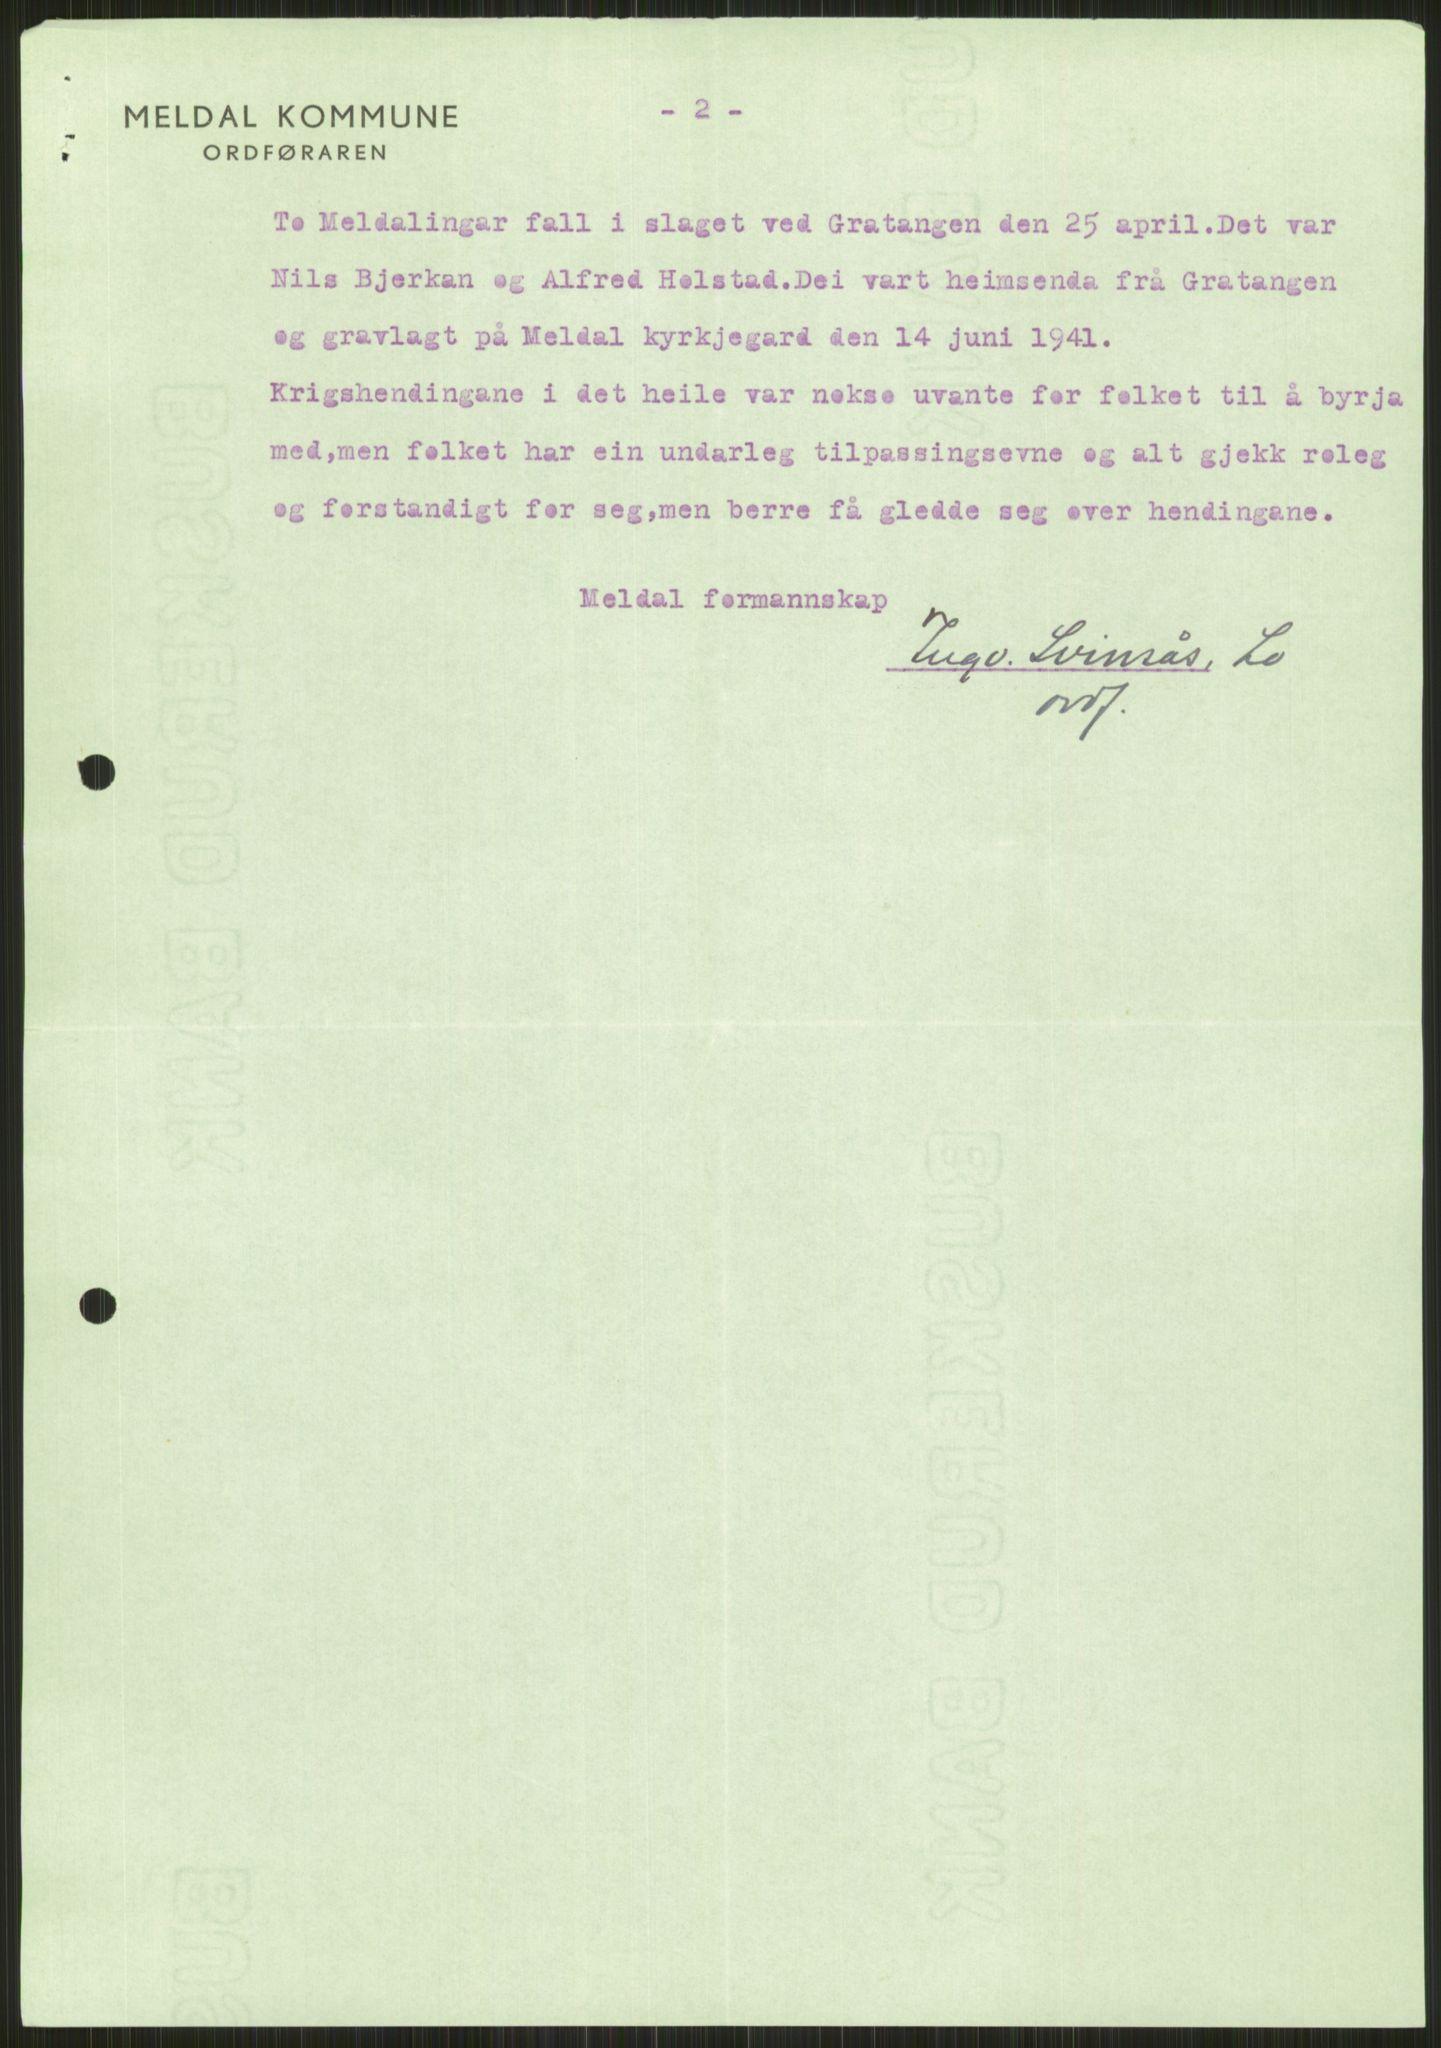 RA, Forsvaret, Forsvarets krigshistoriske avdeling, Y/Ya/L0016: II-C-11-31 - Fylkesmenn.  Rapporter om krigsbegivenhetene 1940., 1940, s. 87